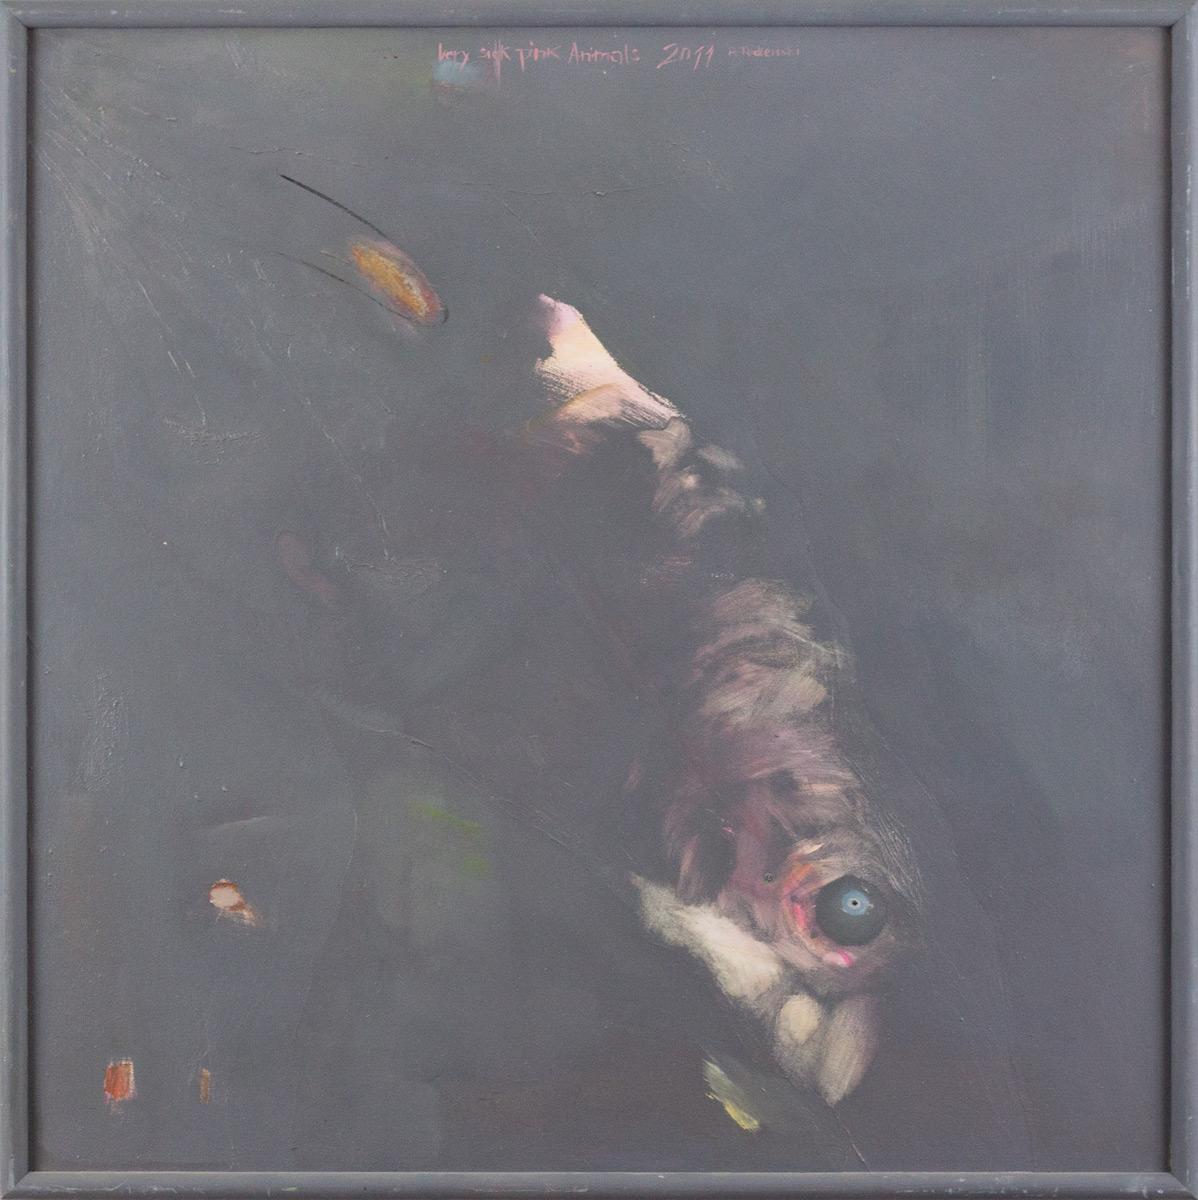 Paweł Podlewski, 'Very Sick Pink Animals', olej na płótnie, 80 x 80 cm, cena: 1 800 zł